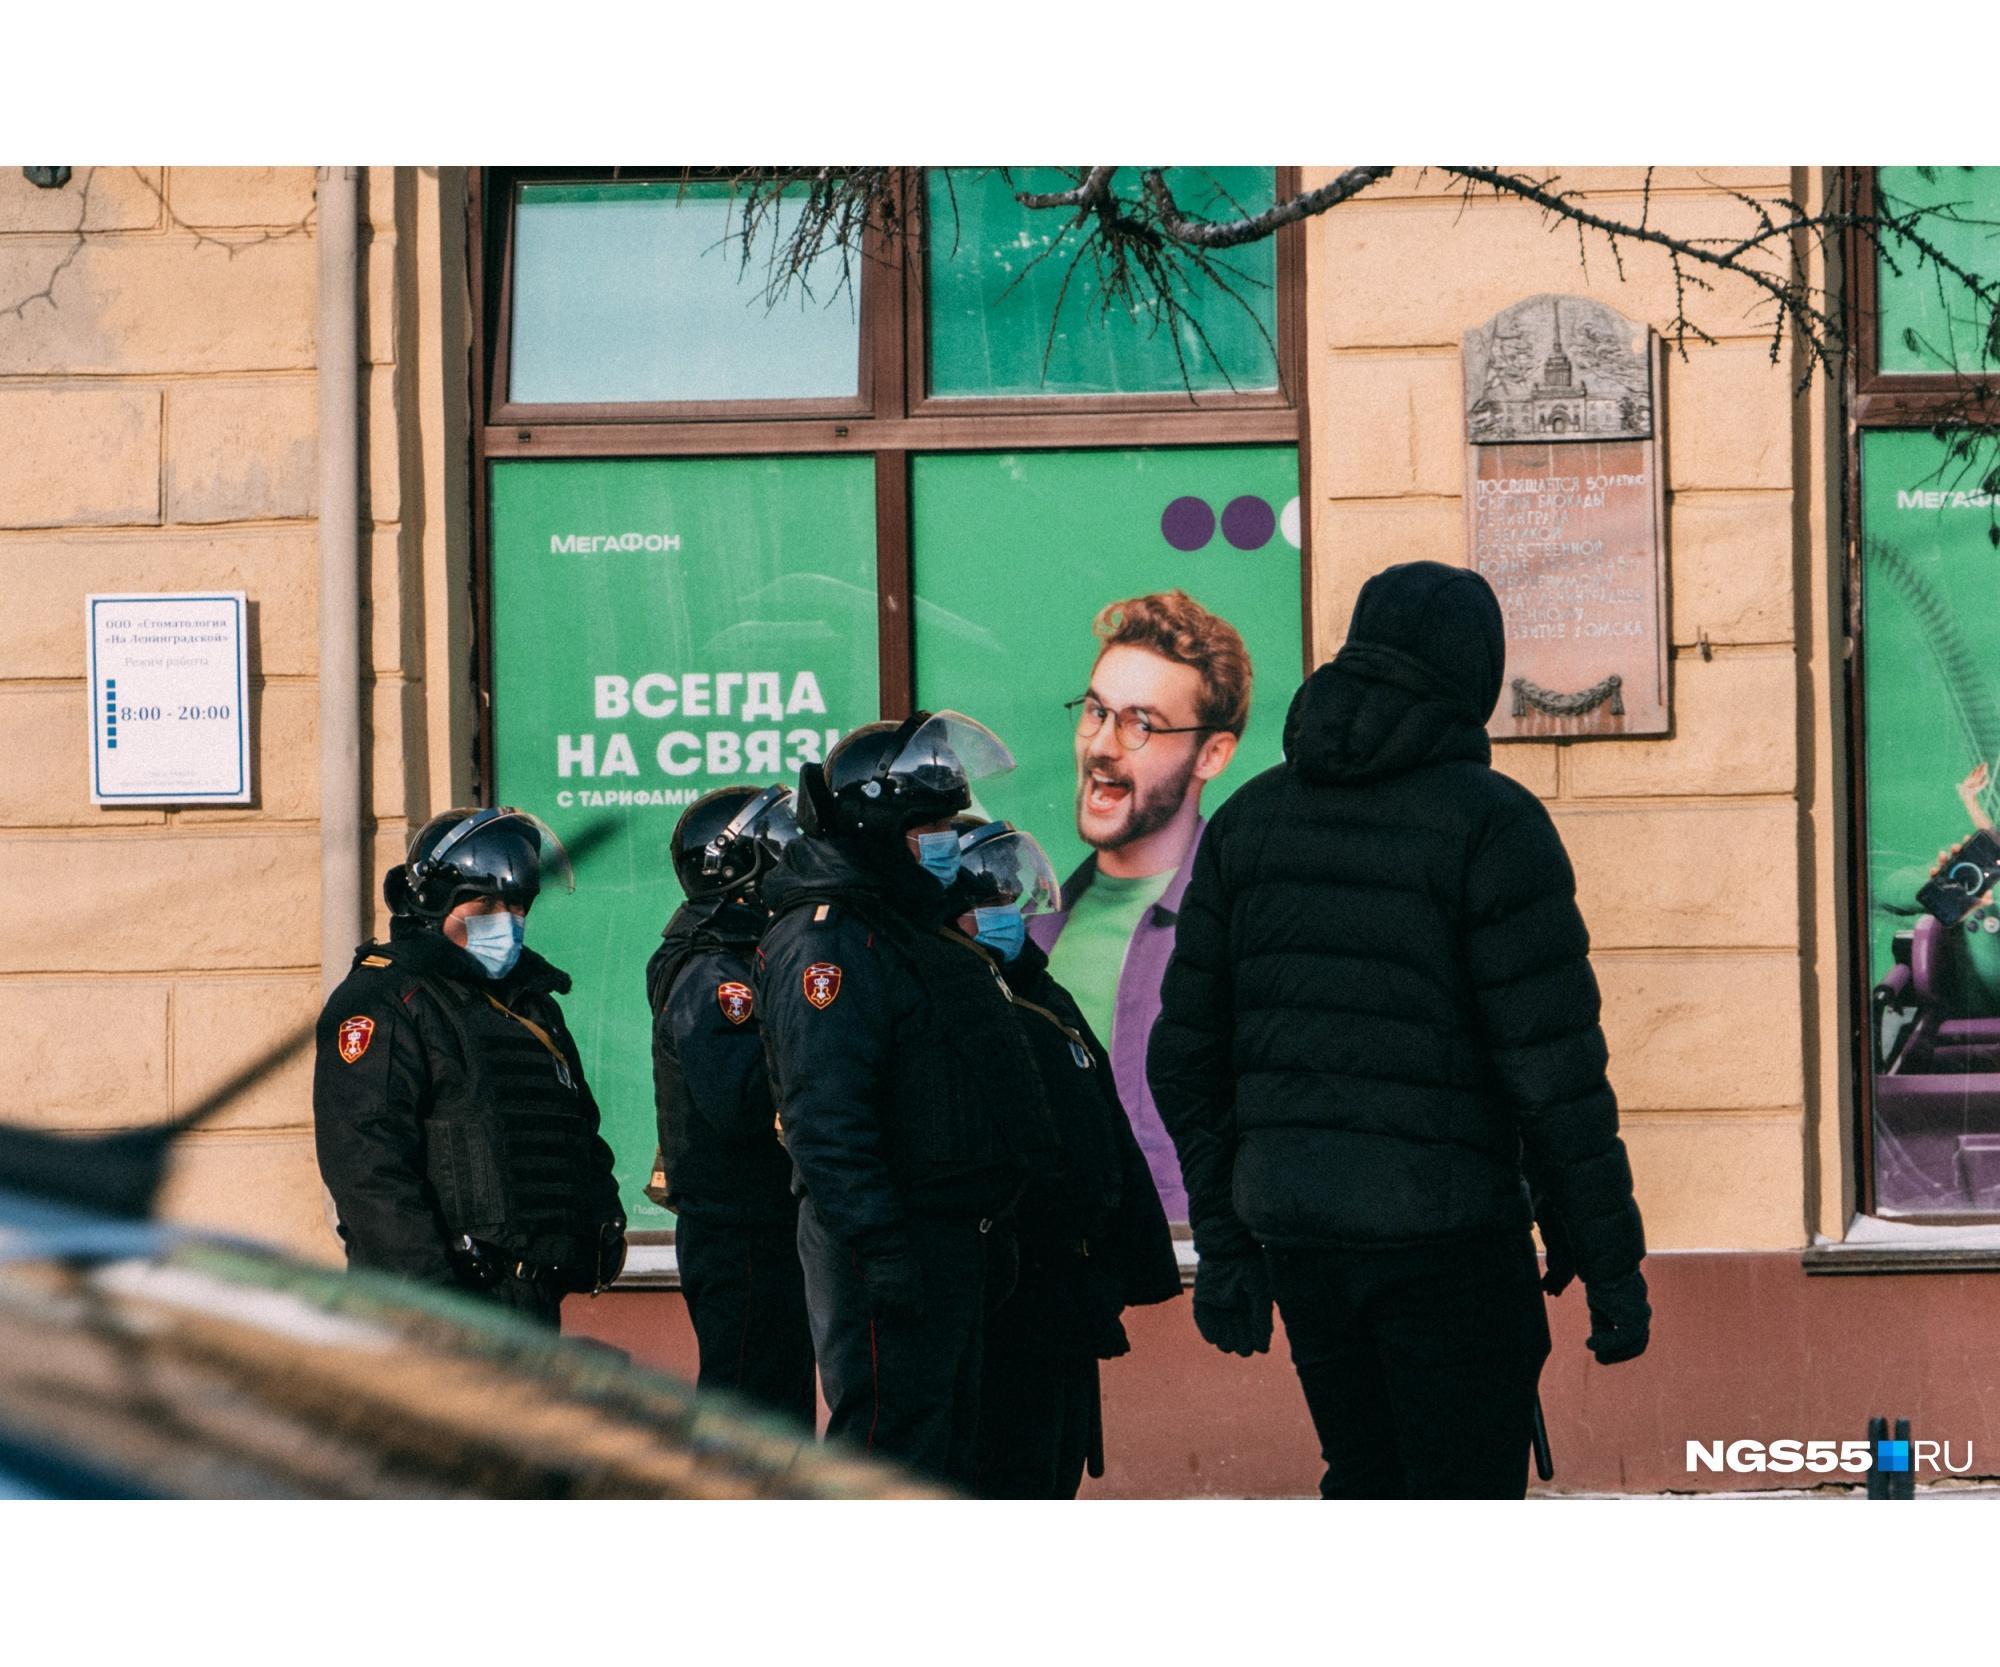 Позже полицейские прошлись цепью по площади и разогнали оставшихся. На этом митинг в Омске закончился. Часть задержанных до сих пор дожидается решения в отделениях полиции. В УМВД пока официальных комментариев не дают